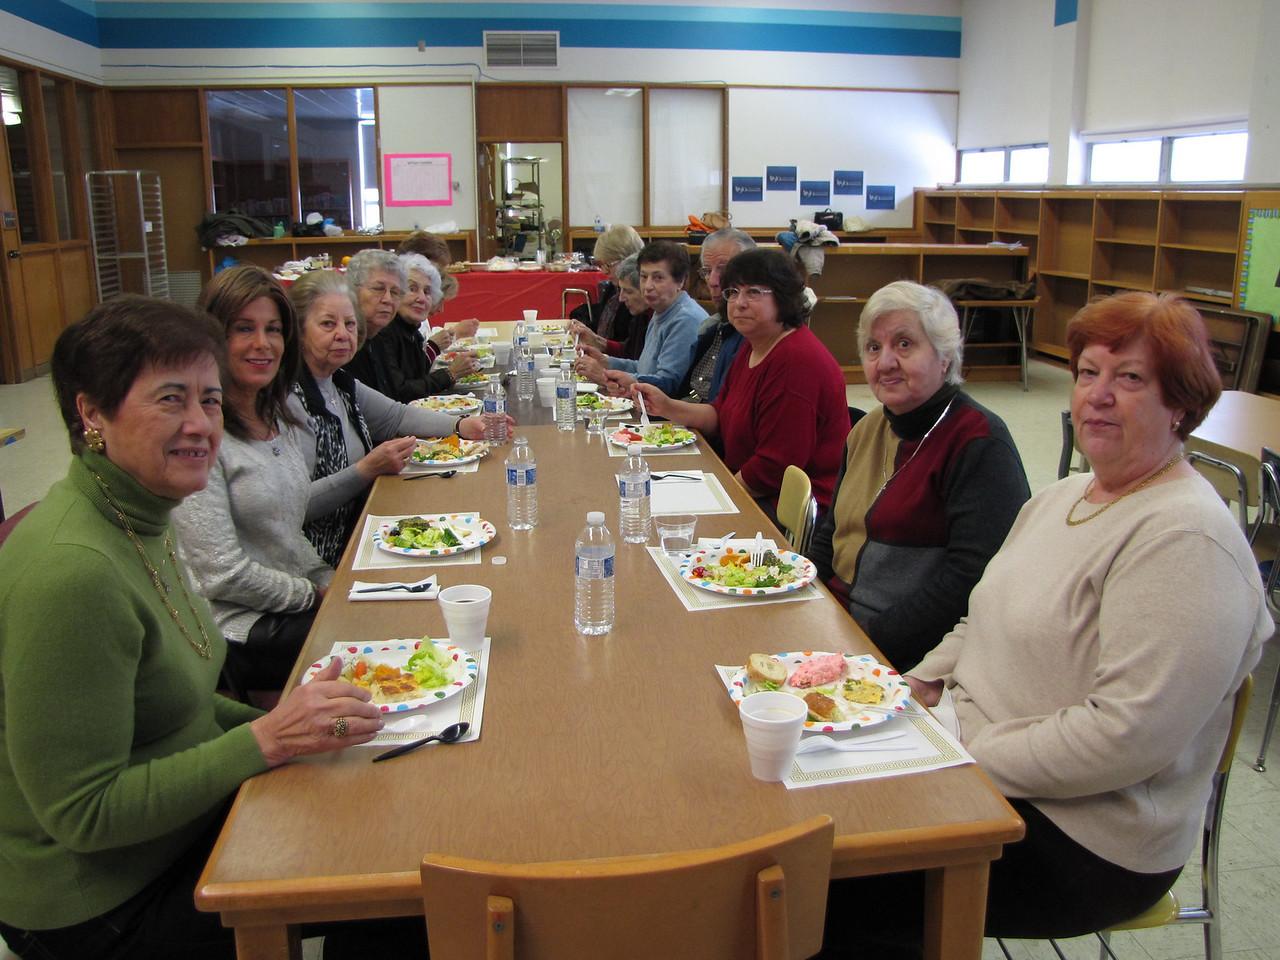 2013-02-14-Seniors-Lunch-February_008